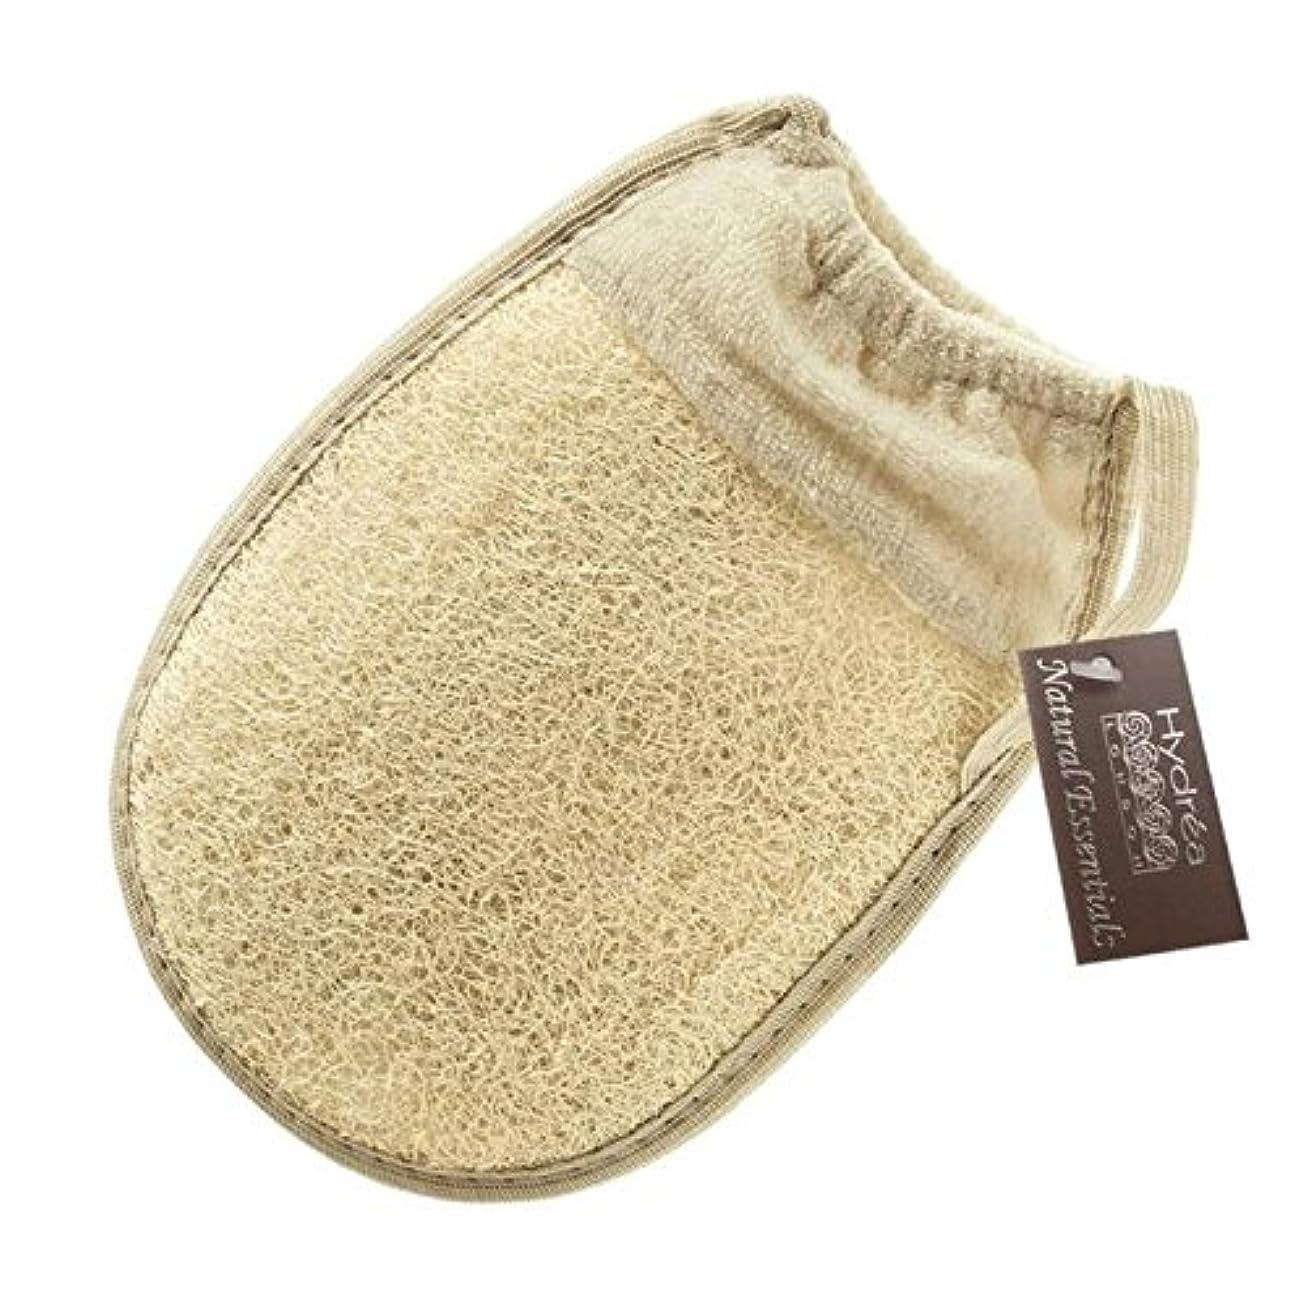 公爵夫人ホバー考慮Hydrea London Egyptian Loofah Glove with Elasticated Cuff - 伸縮性カフとハイドレアロンドンエジプトのヘチマグローブ [並行輸入品]